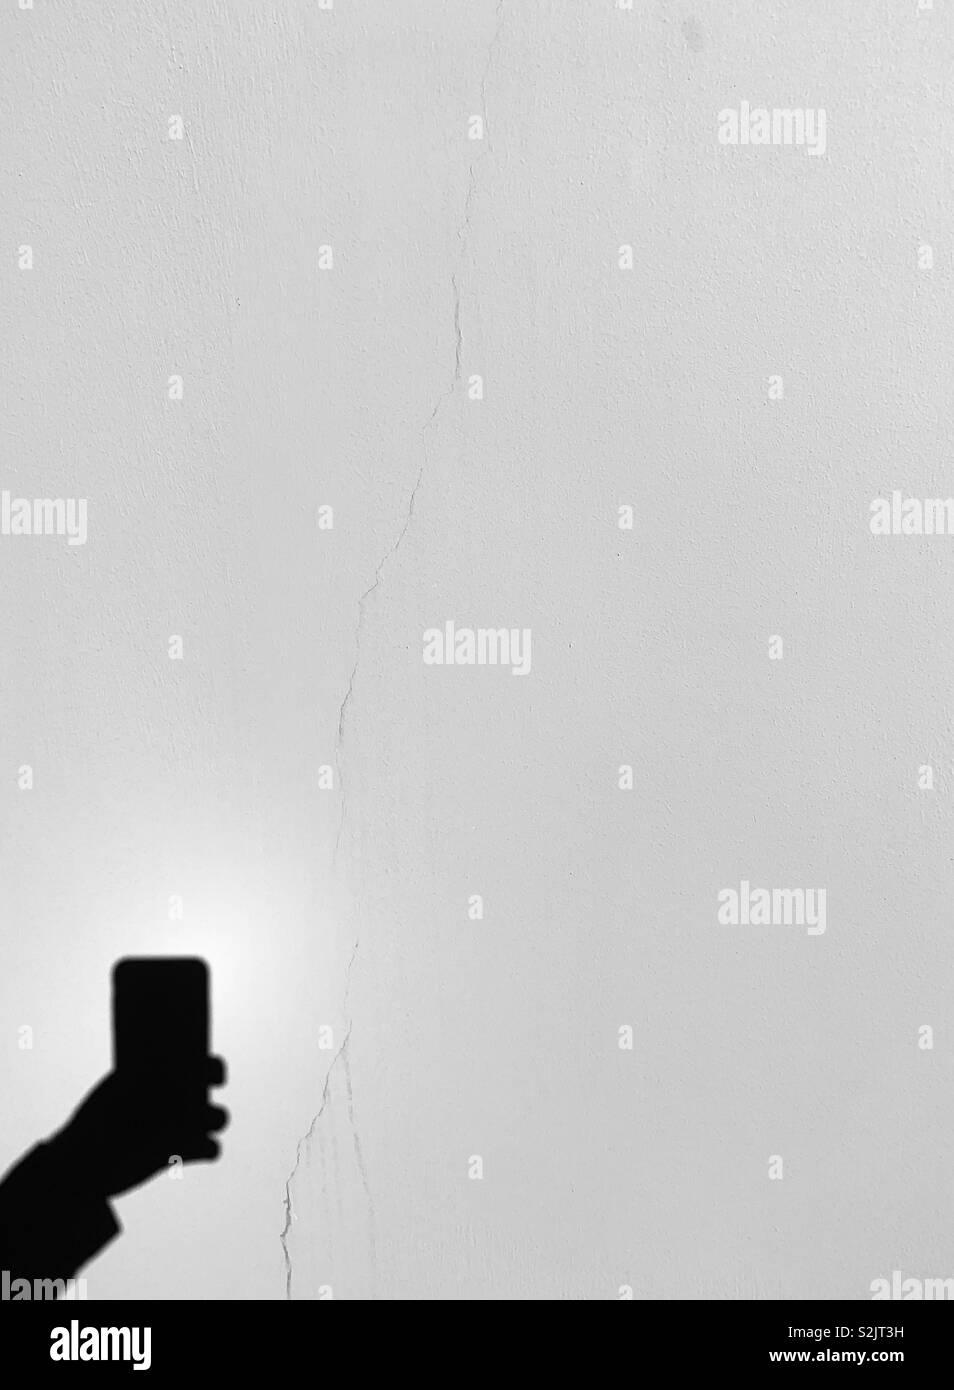 Una sombra de una mano sujetando un teléfono celular. Foto de stock